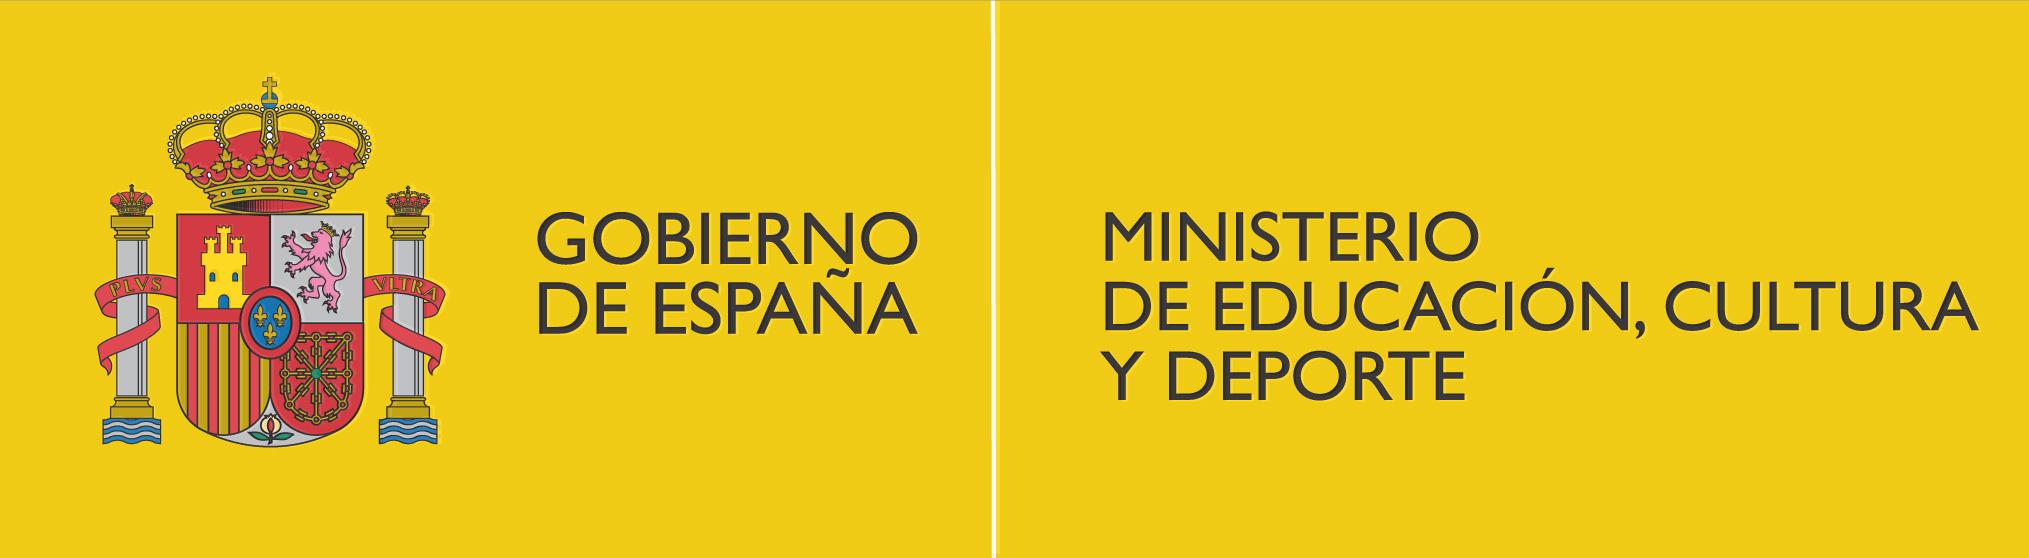 ministerio de educación de cultura y deporte | Trazos Digital